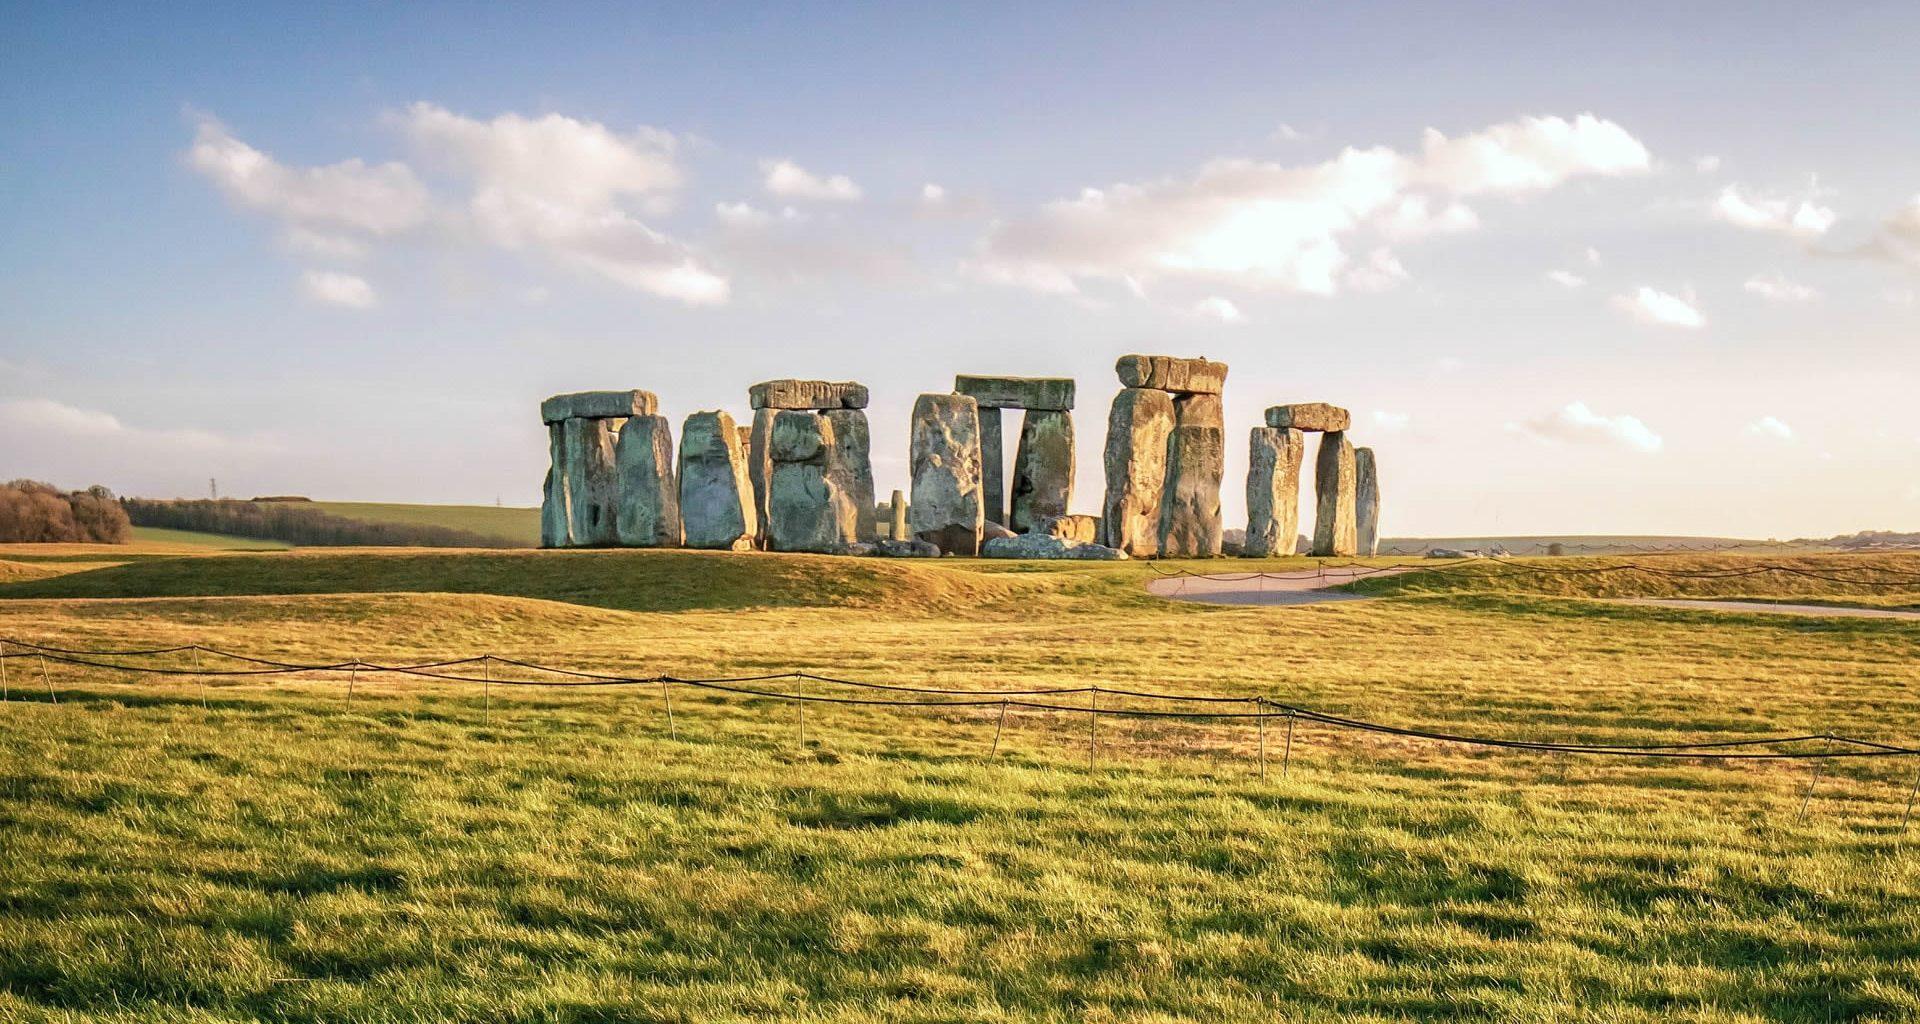 Resuelven un antiguo misterio de Stonehenge